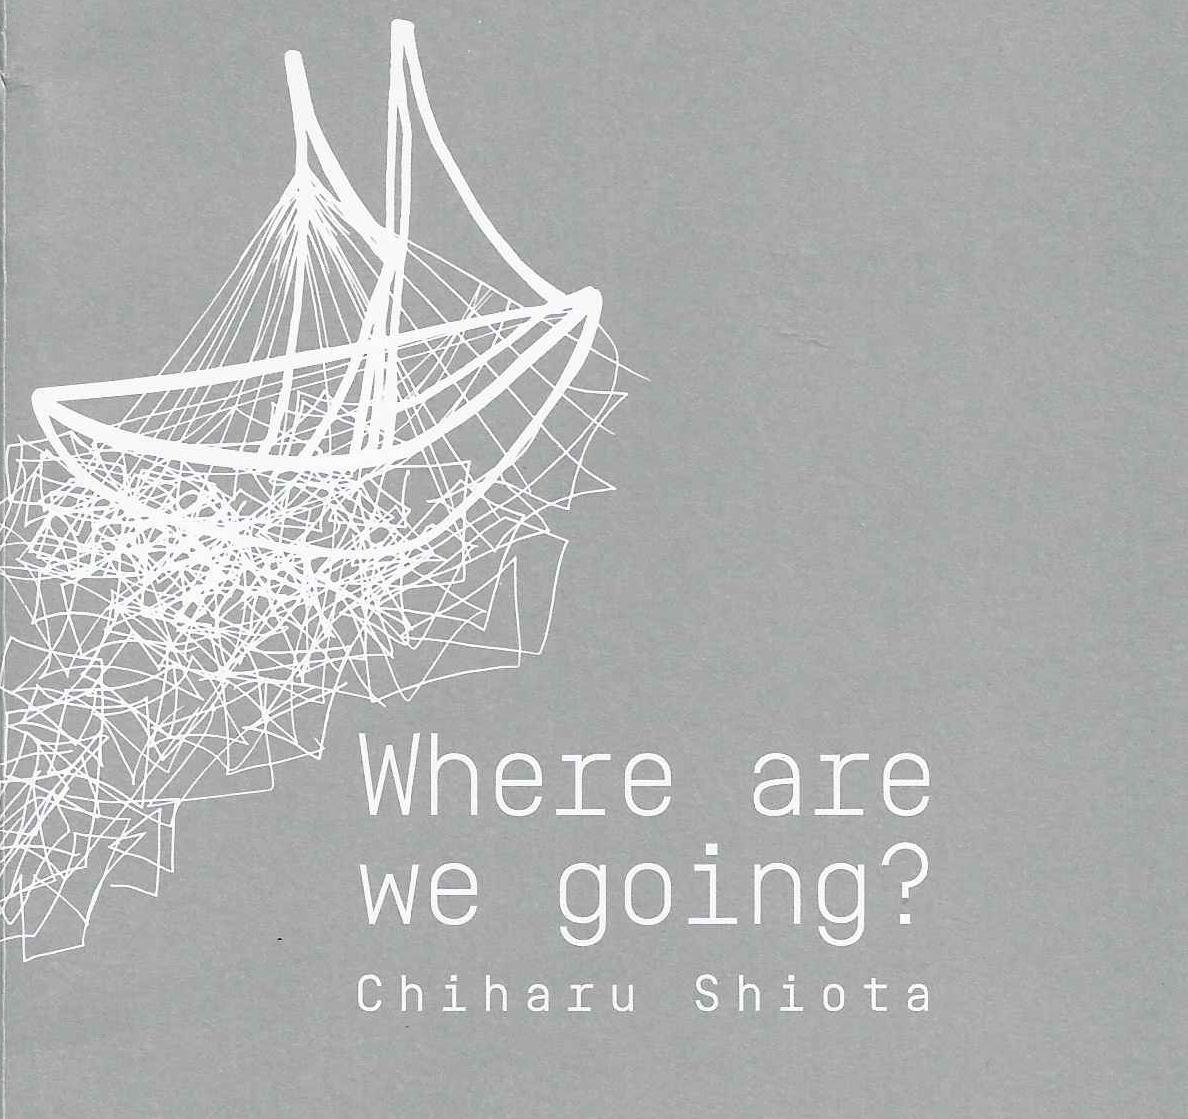 Chiharu-Shiota-Were-are-we-going-00